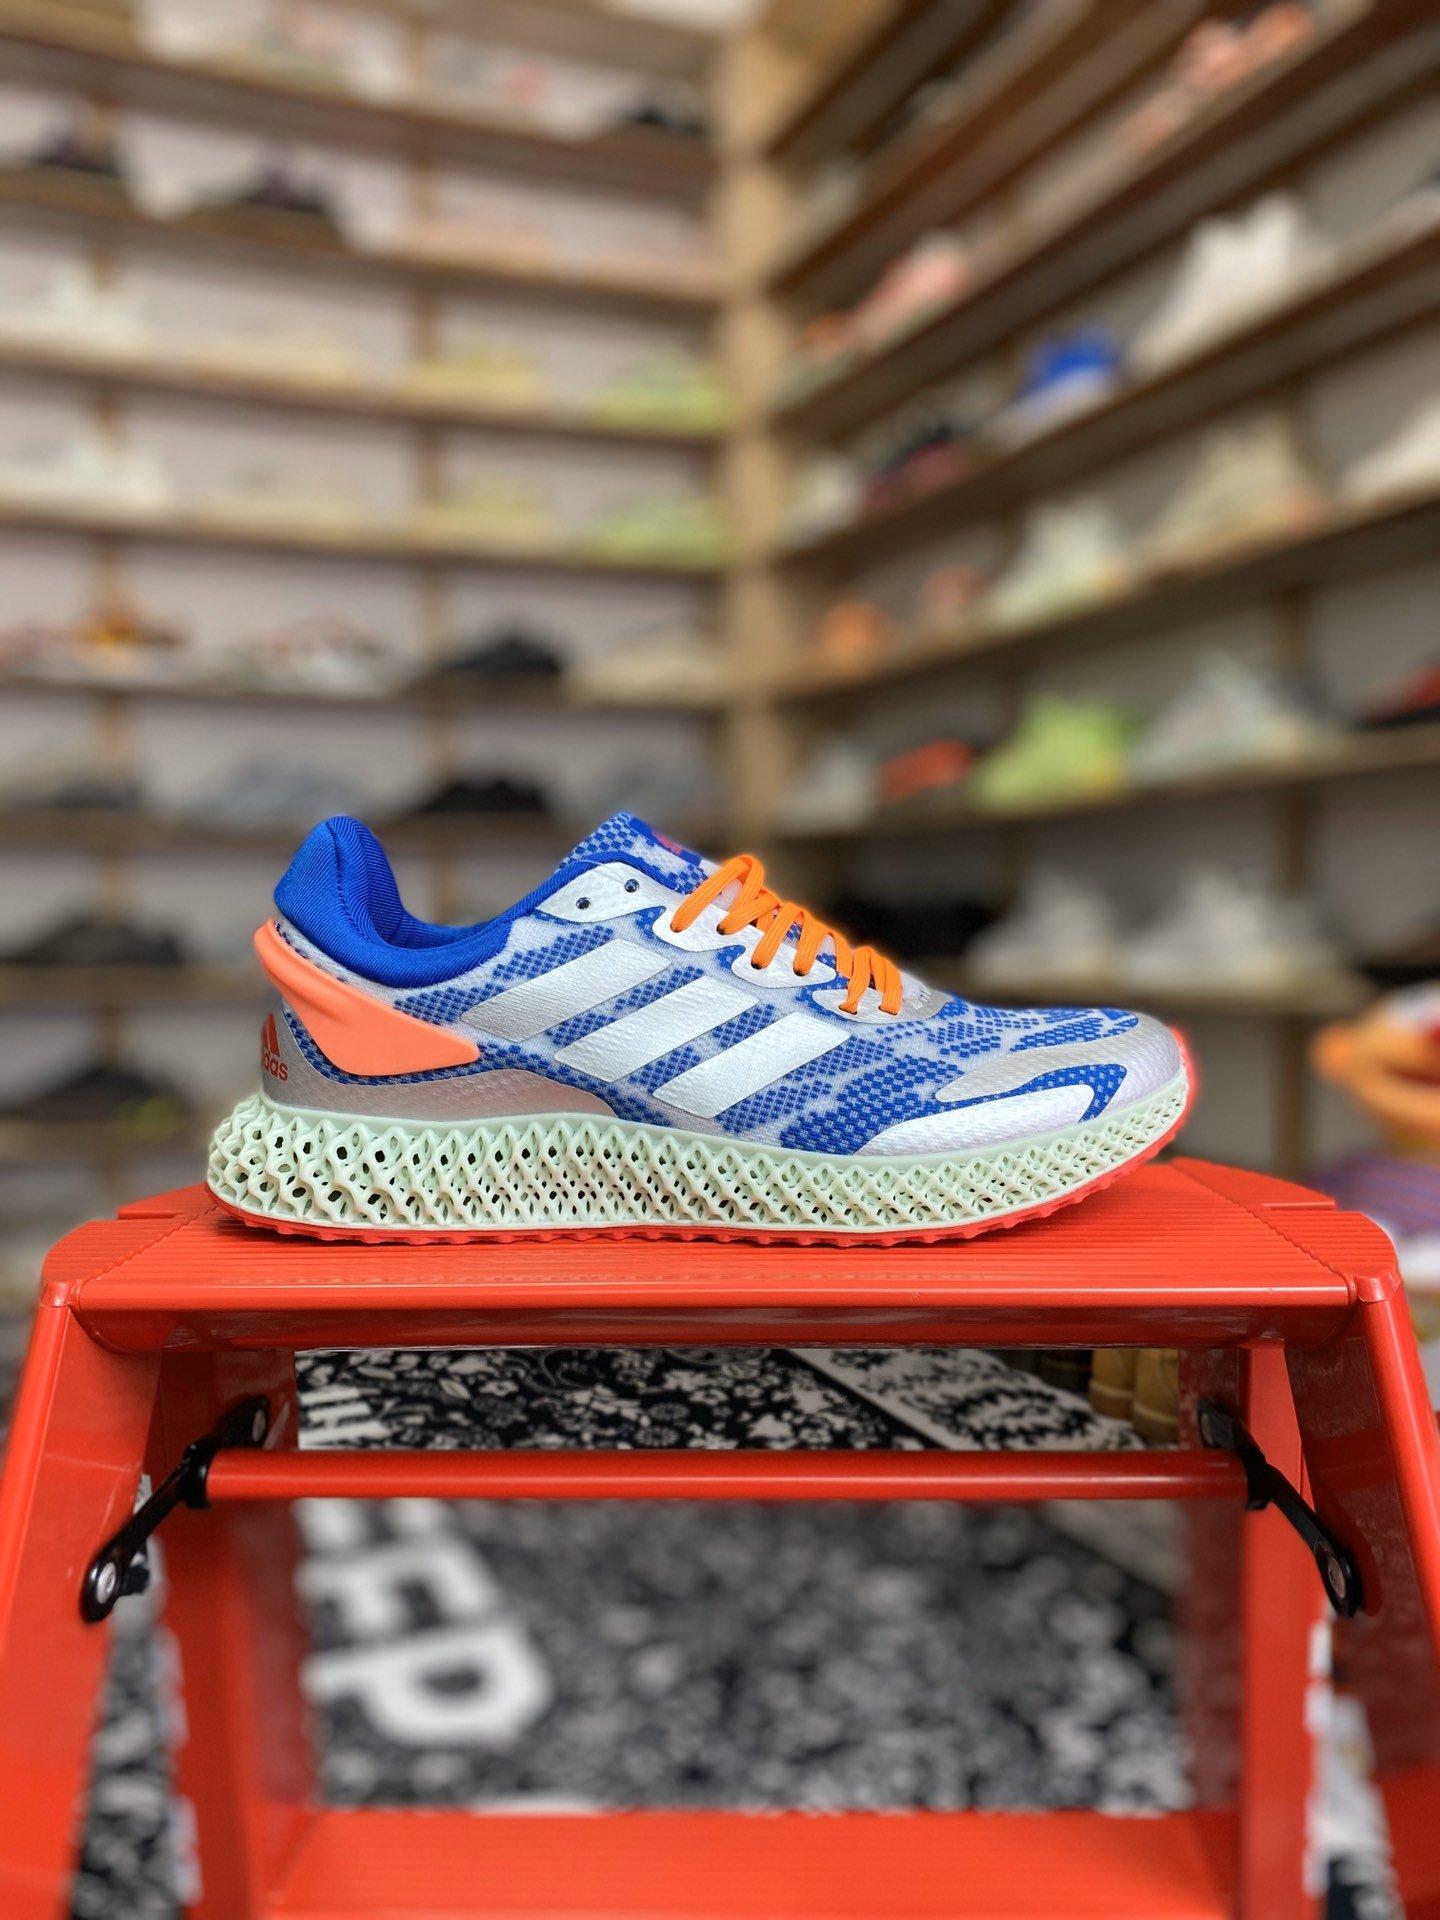 Alphaedge 4D 1.0 4D打印跑鞋 货号:FV5320-aj11兔八哥特供版